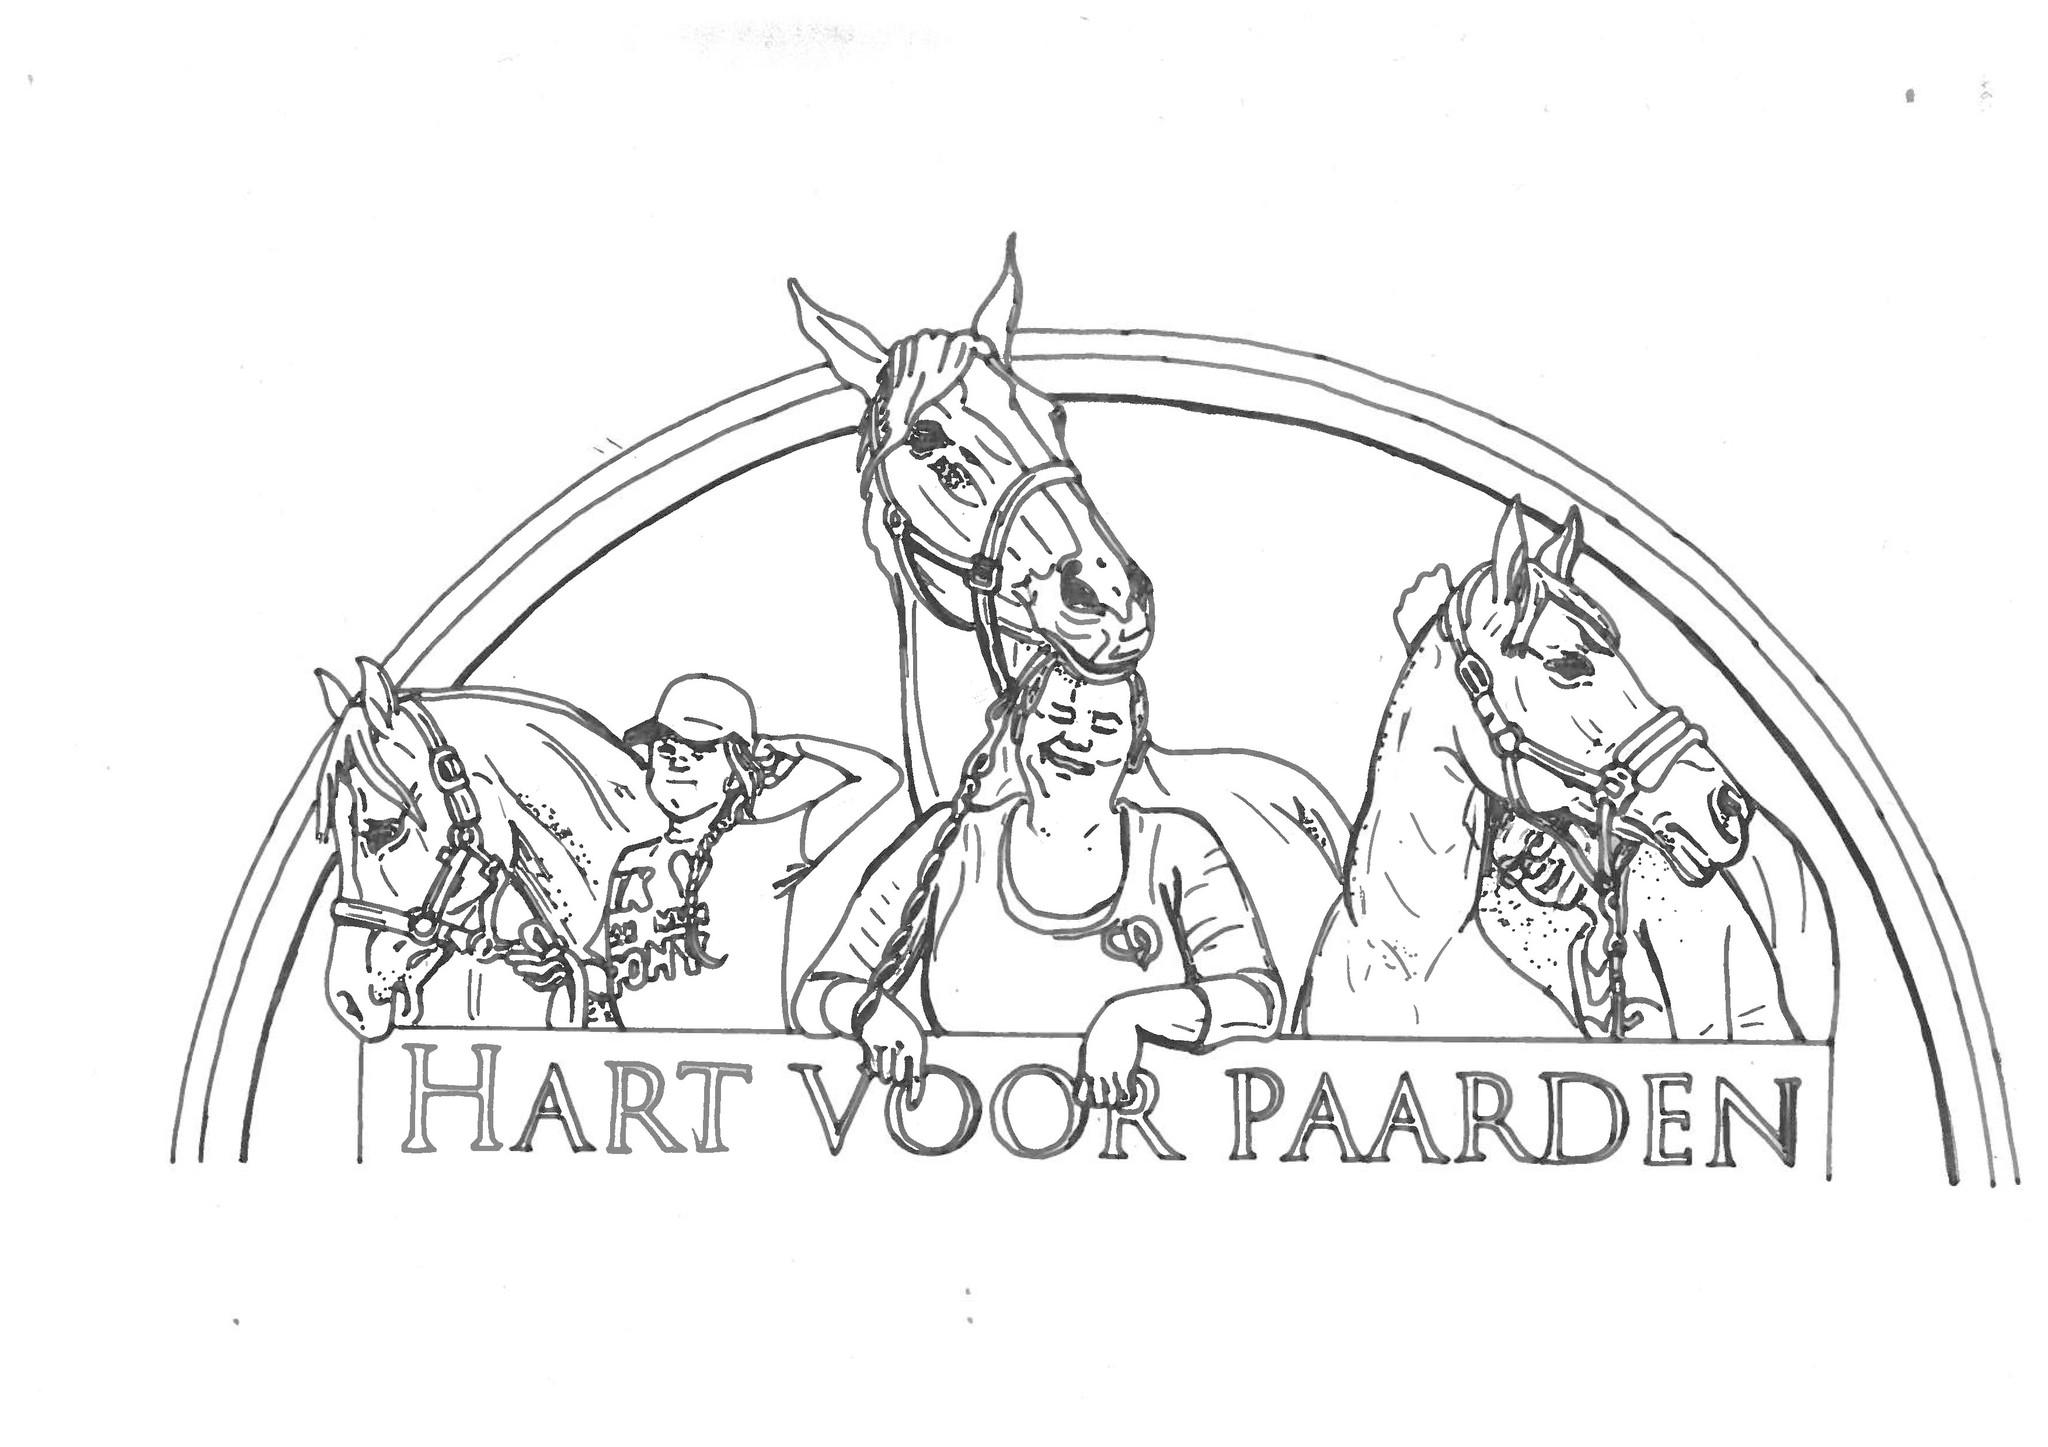 Kleurplaten Van Paard.Kleurplaten Van Hart Voor Paarden Hartvoorpaarden